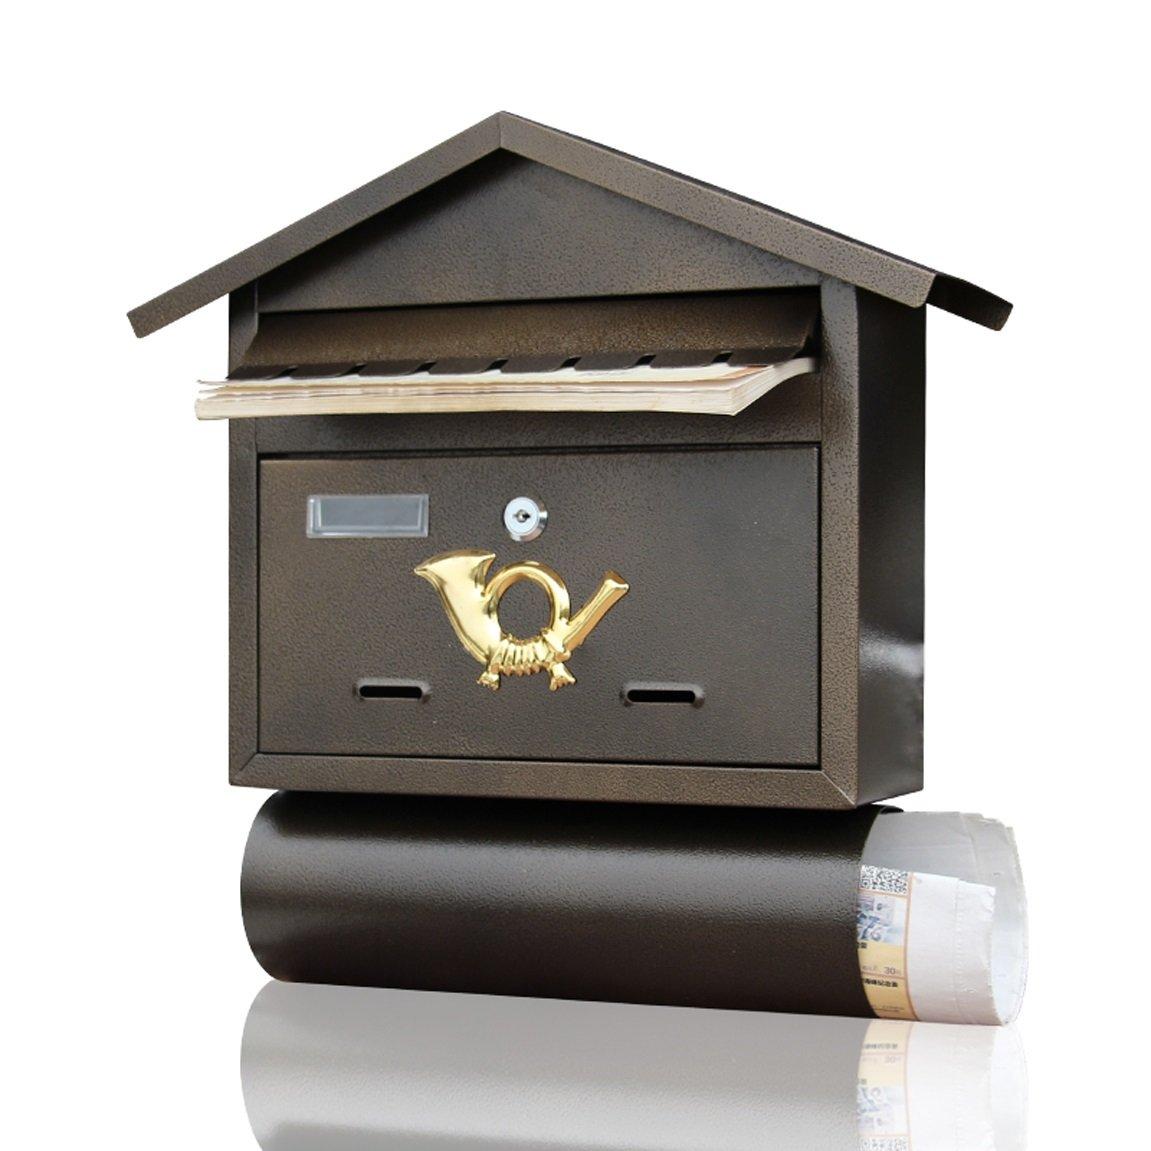 HZB ヴィラ郵便受け屋外アイアンアート壁掛け新聞バークリエイティブアドバイスボックスカフェヴィンテージウォールハンギングメールボックス   B07FH86578